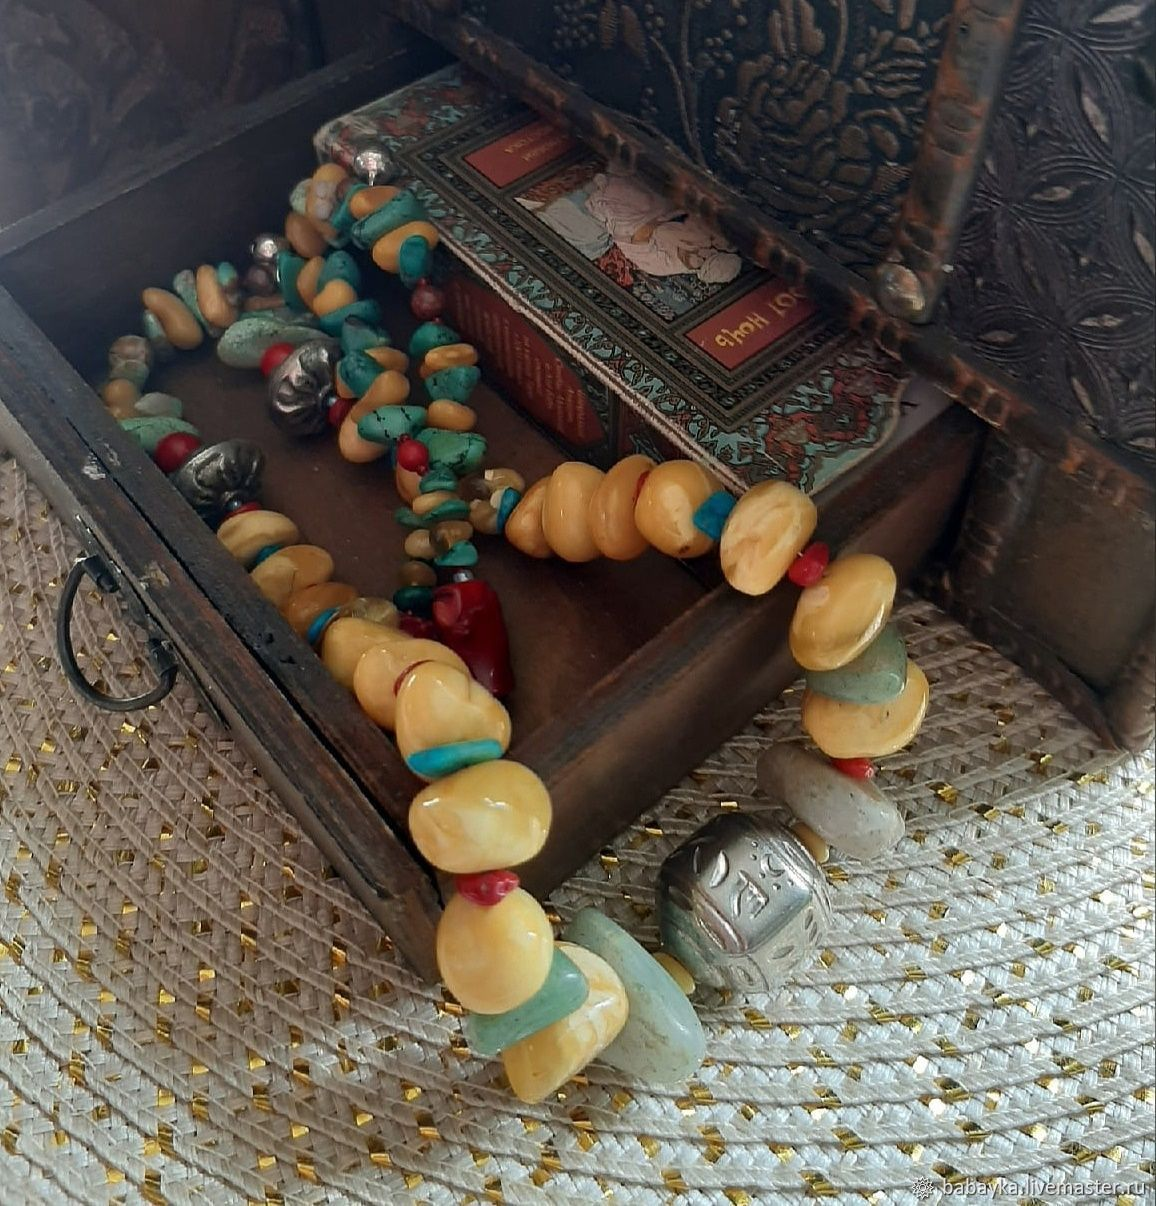 Старый Тибет. Тибетское серебро, янтарь империал, коралл, бирюза, Бусы, Москва,  Фото №1